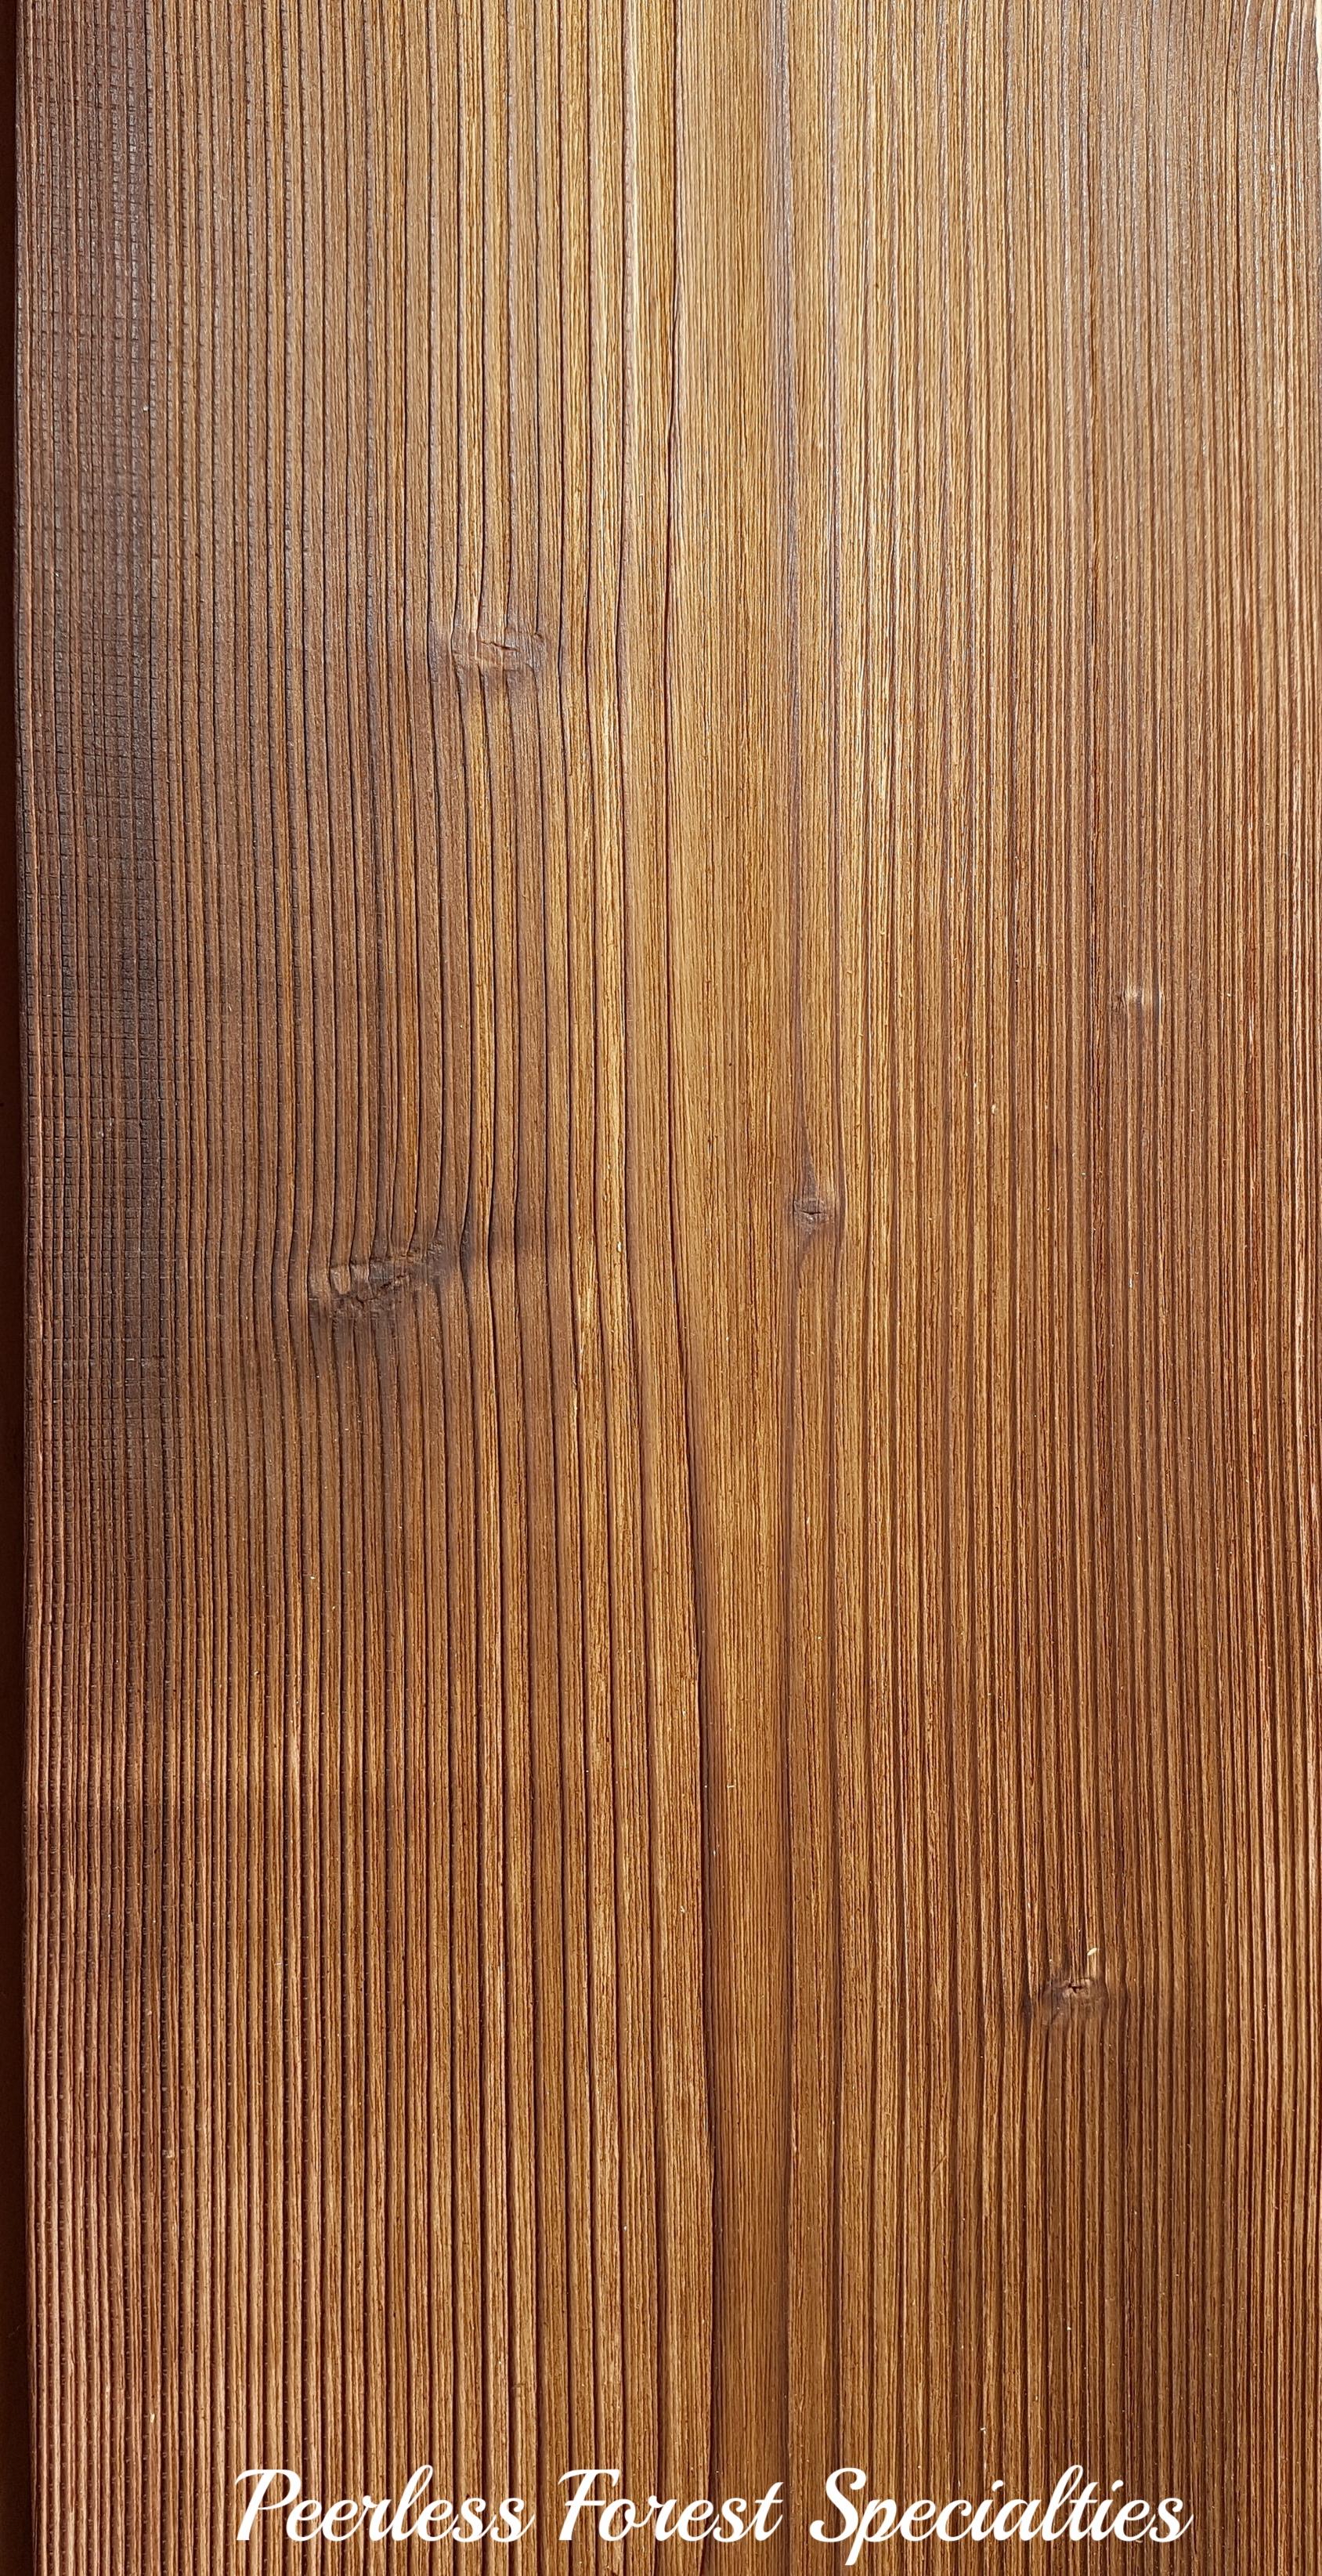 Canadian Wide Fir Flooring